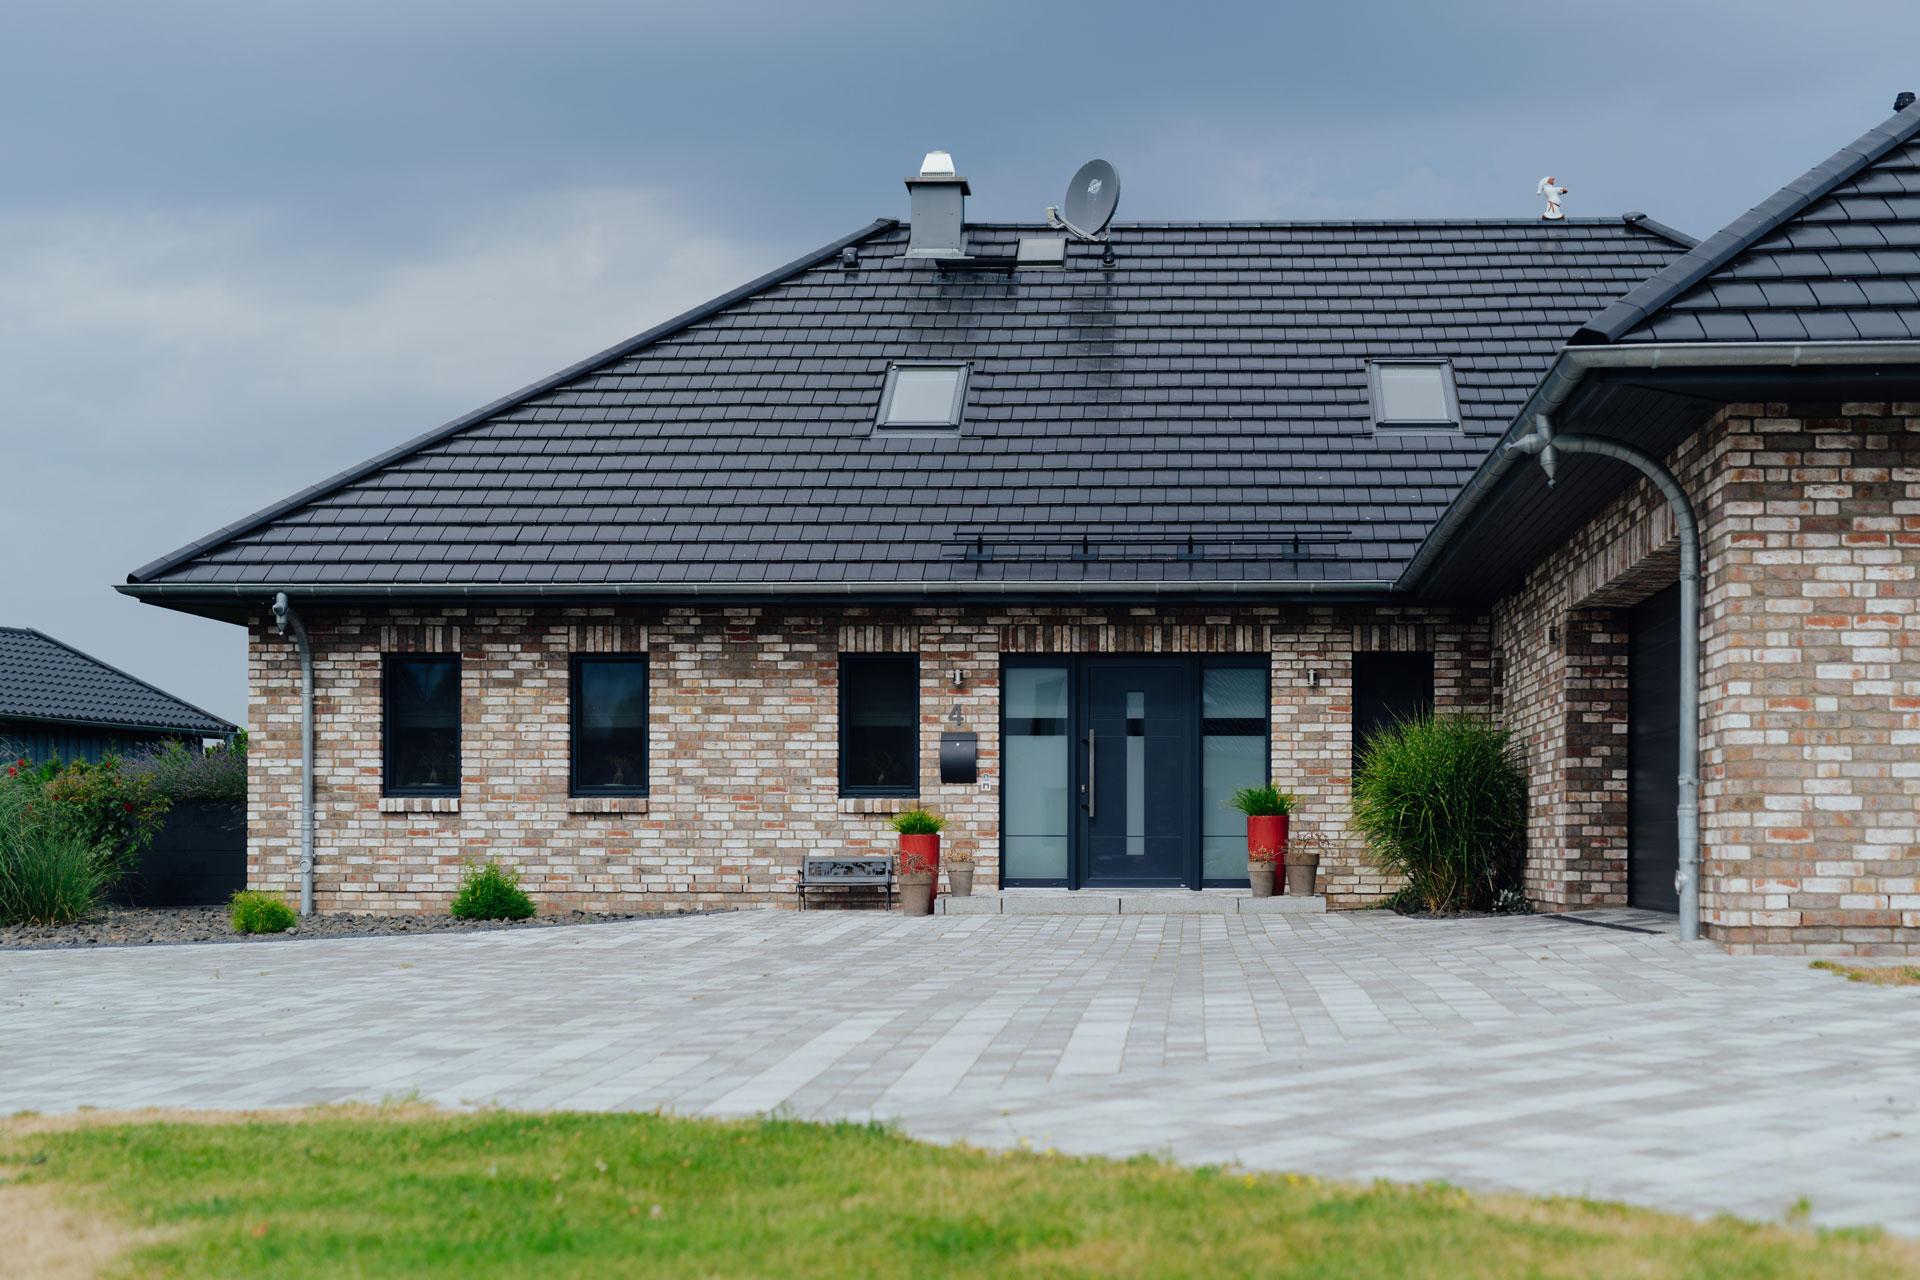 Dachdeckerarbeiten am Einfamilienhaus im Landkreis Bad Doberan